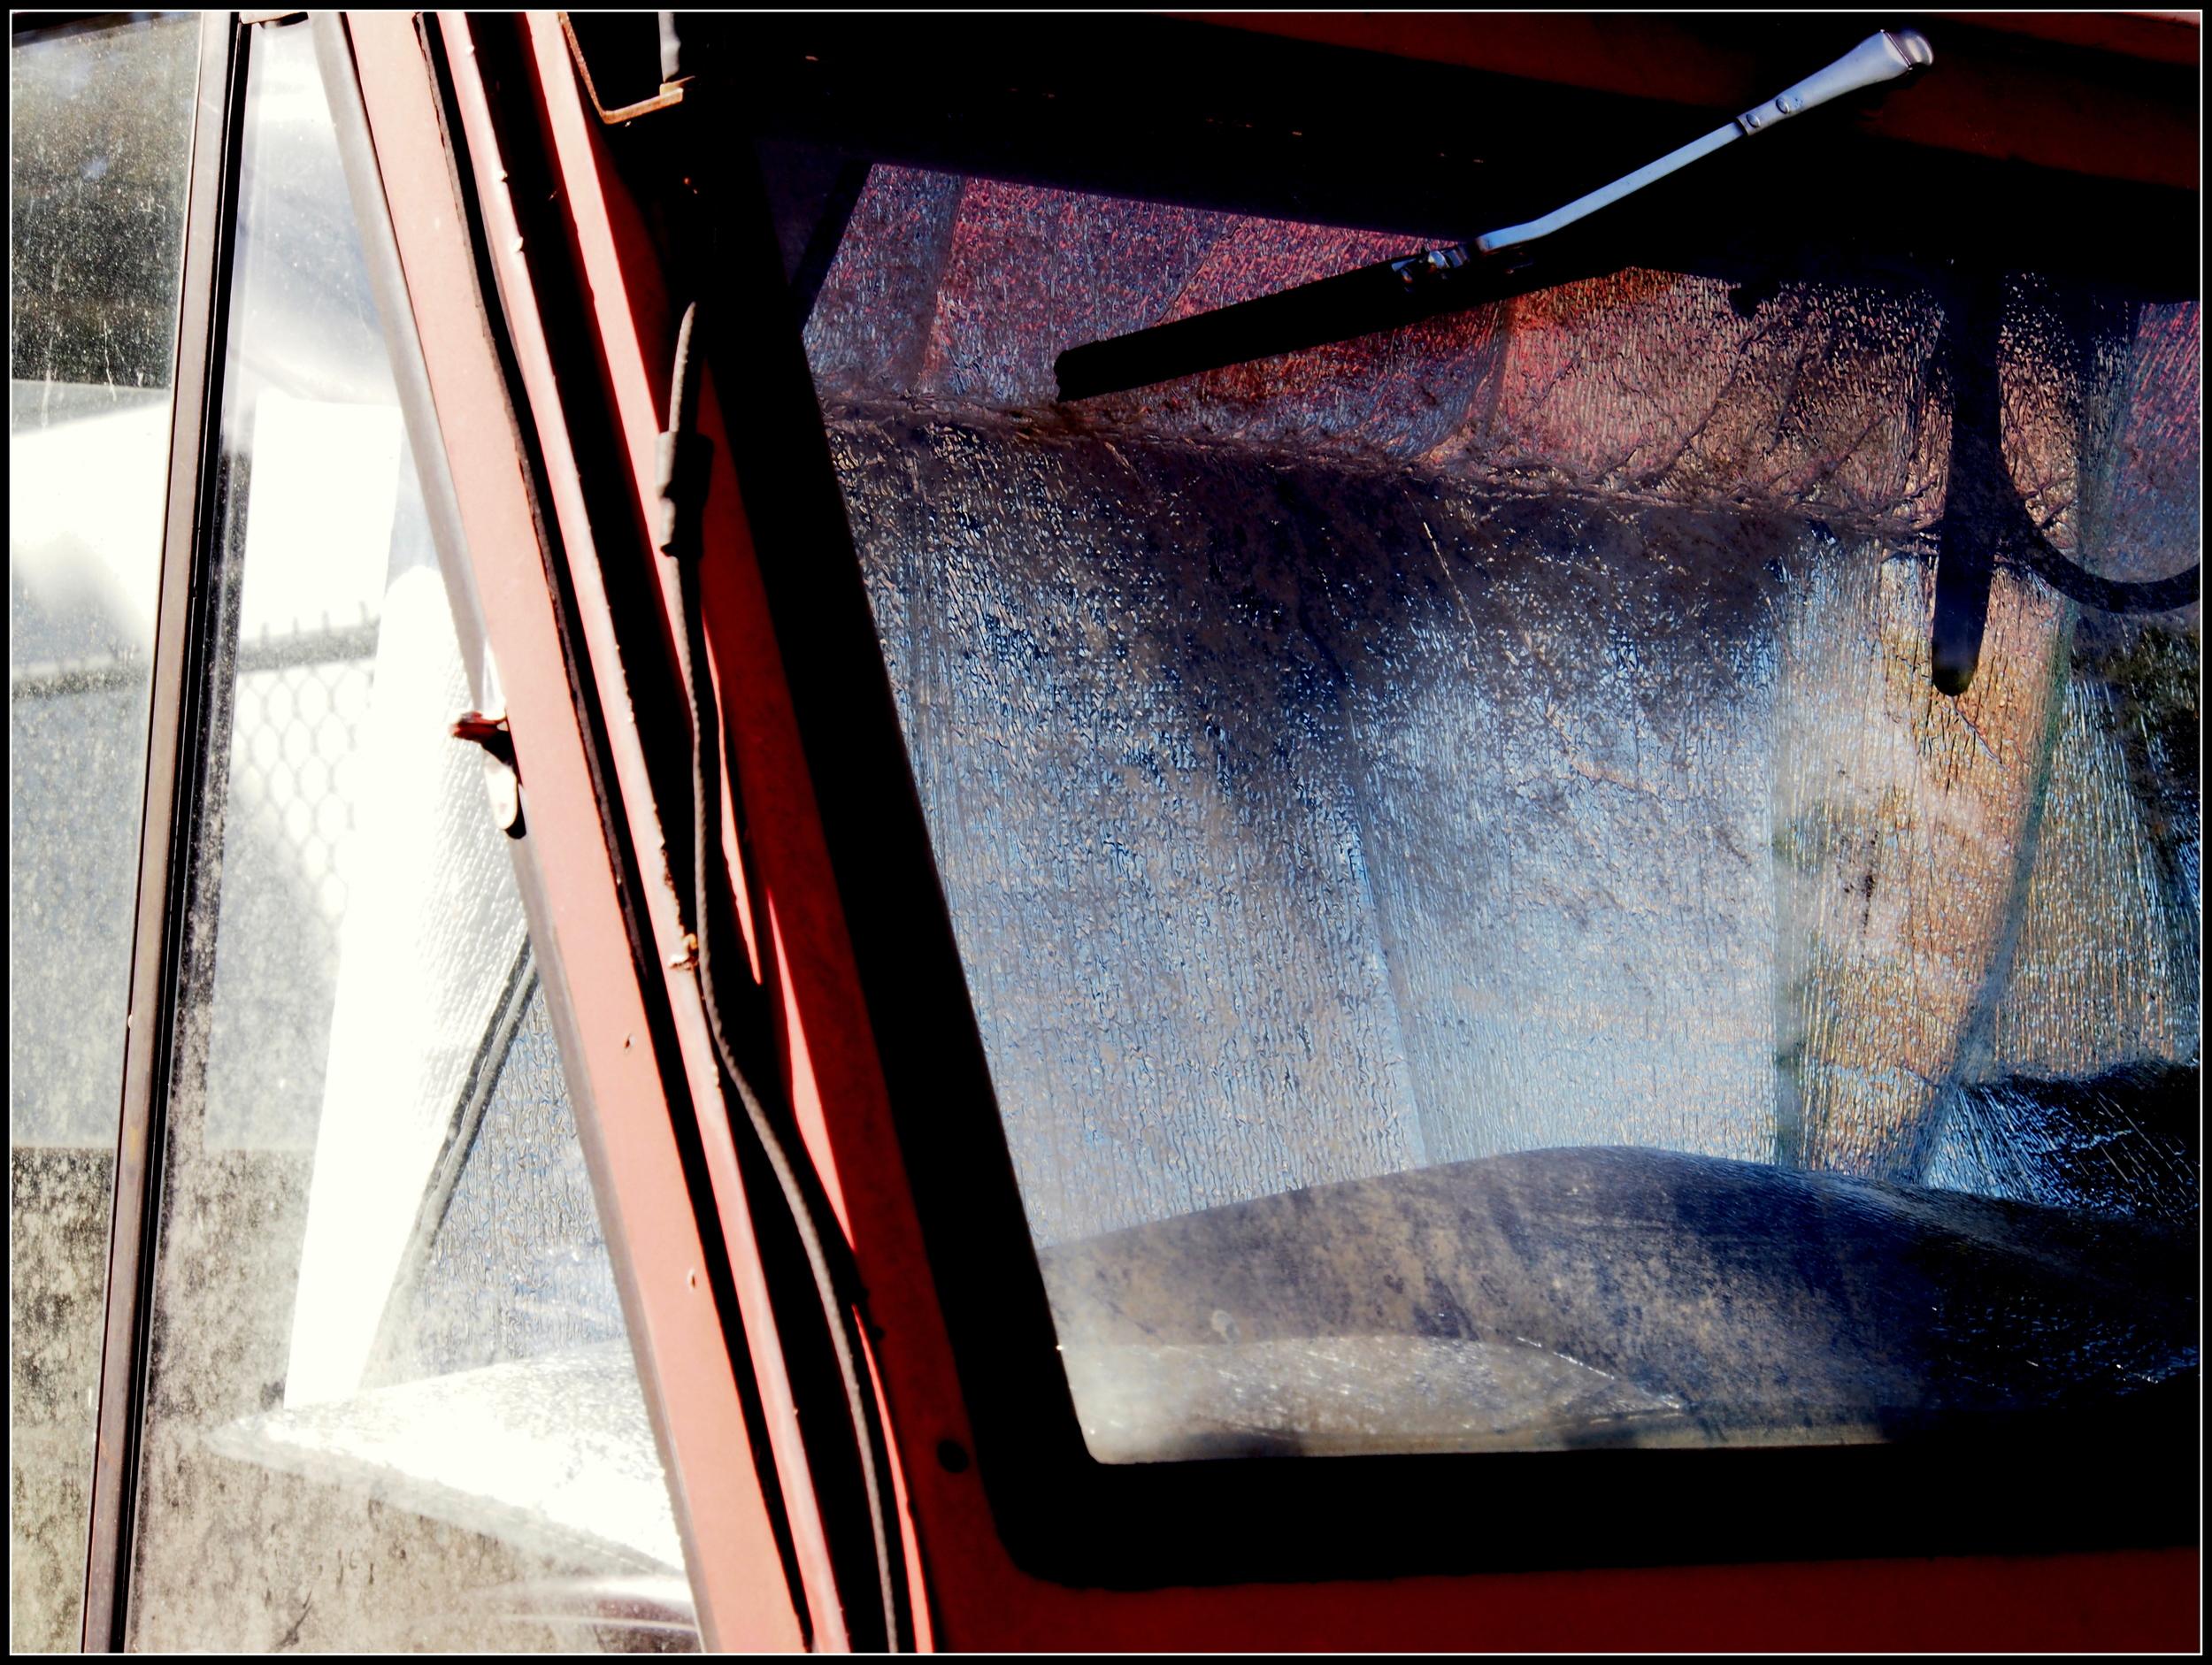 Reflector, Revolution Autobody, Tappan, NY